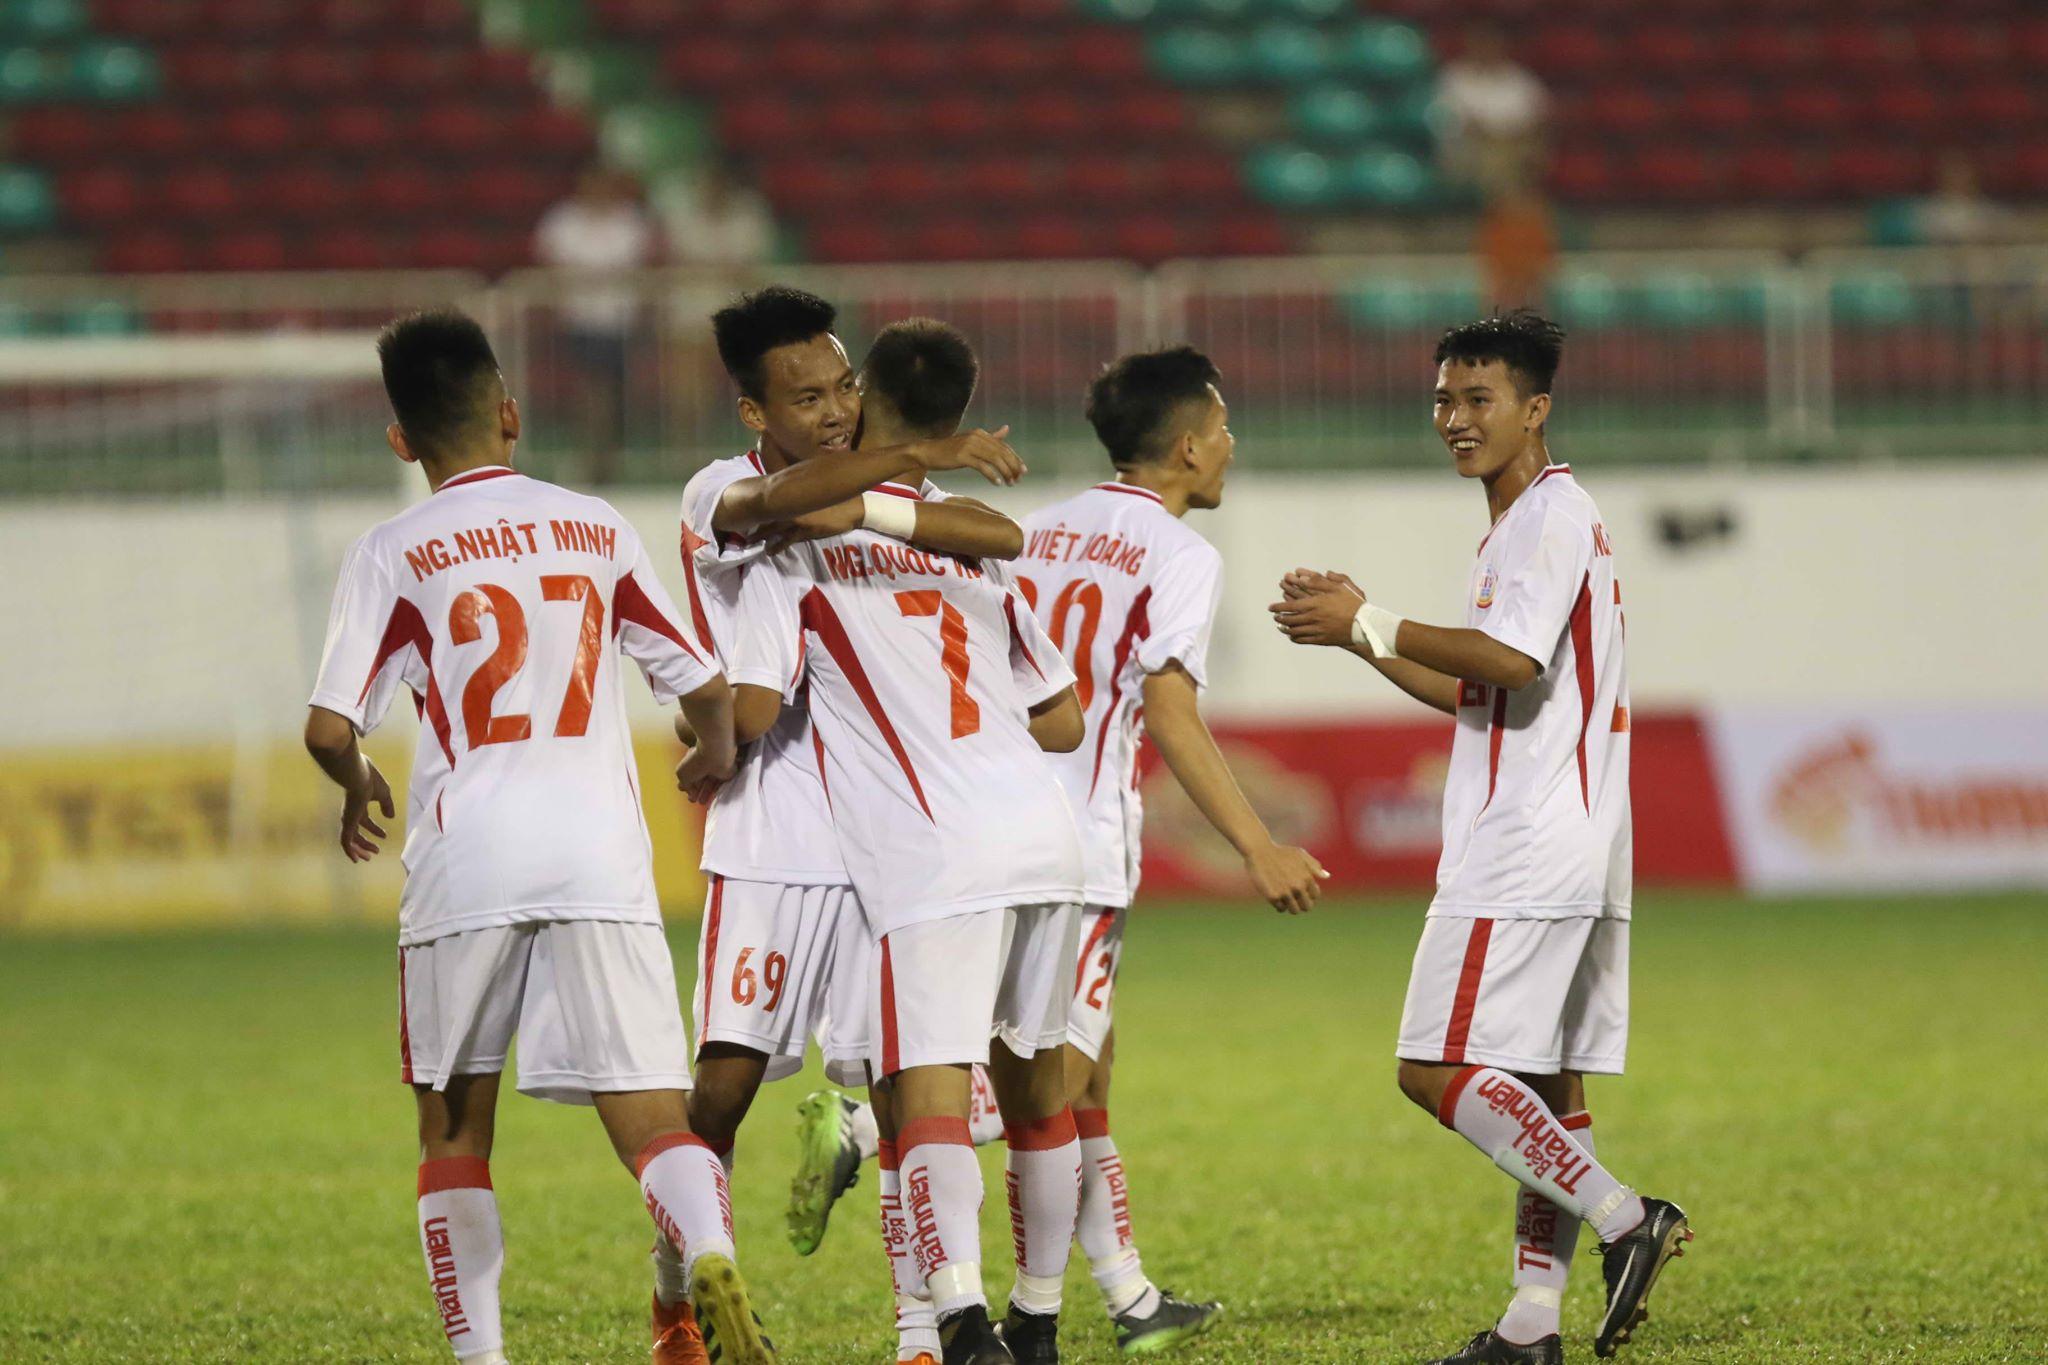 Khóa 4 HAGL JMG khởi đầu vất vả tại VCK U19 Quốc gia 2019 - Bóng Đá